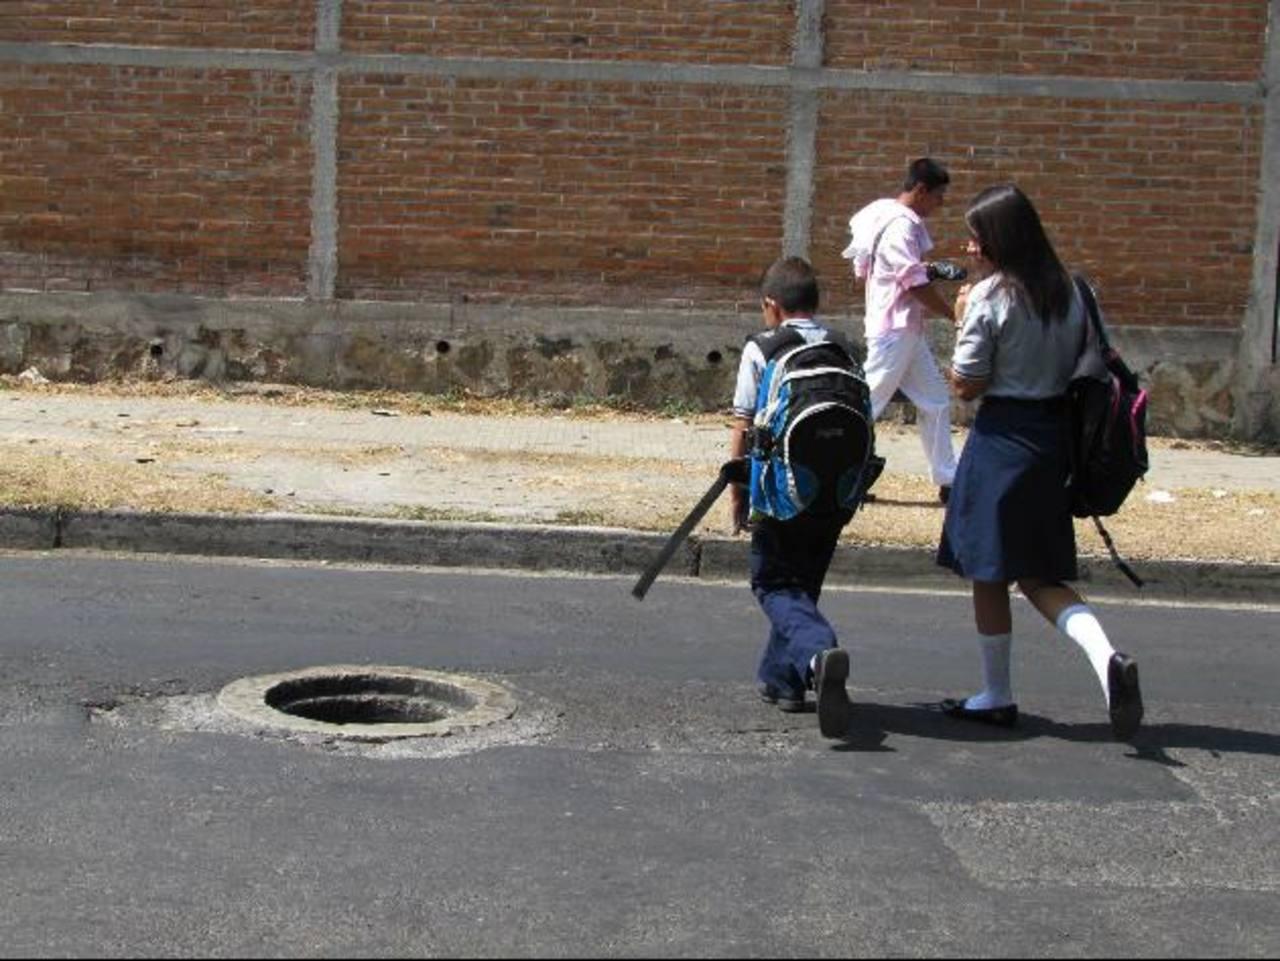 El peligro también es para los transeúntes, sobre todo, los niños. Foto EDH / Mauricio Guevara